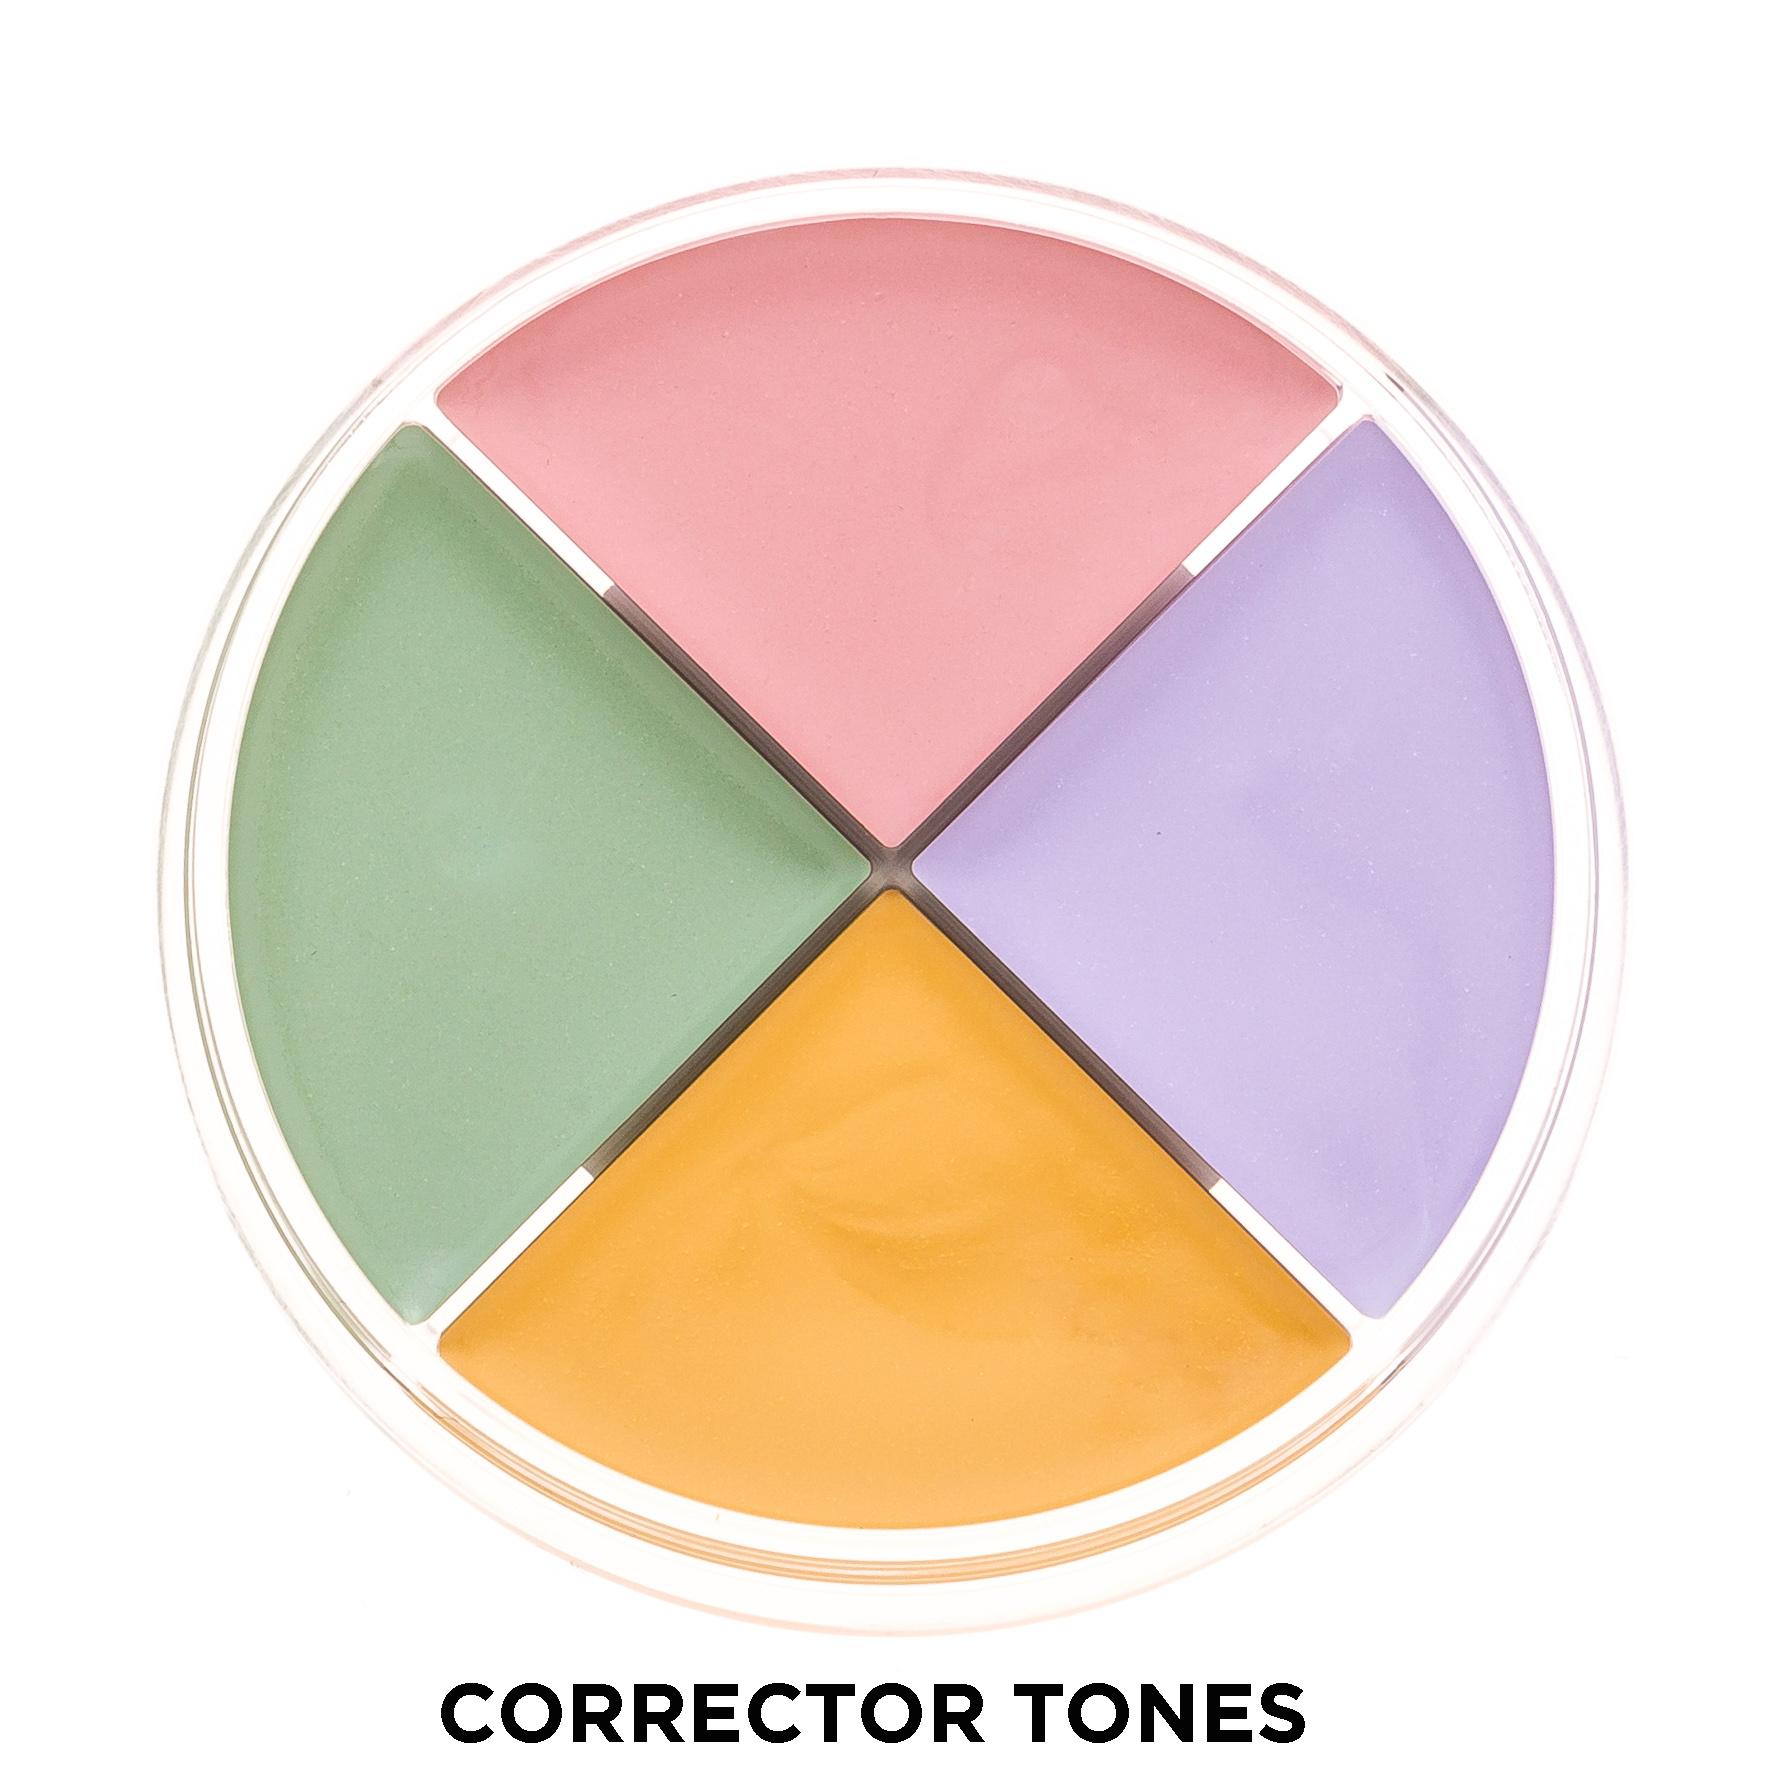 CORRECTOR-TONES-TOP copy.jpg